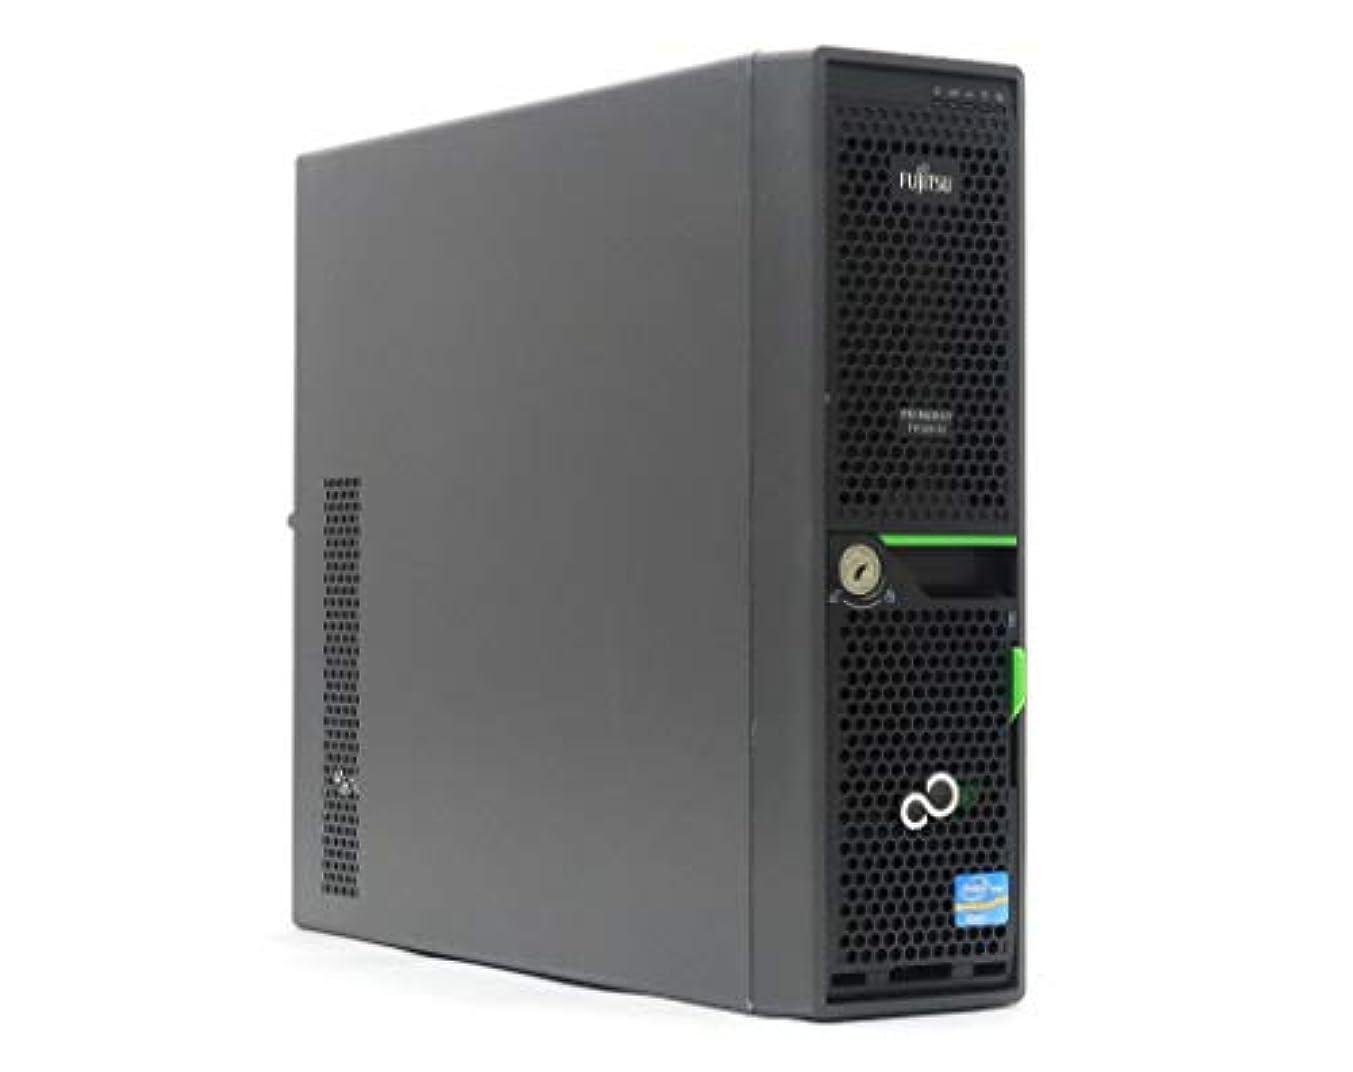 においパシフィック砂漠【中古】 富士通 PRIMERGY TX120 S3 Xeon E3-1220 v2 3.1GHz 4GB 146GBx2台(SAS2.5インチ/3Gbps/RAID1構成) DVD-ROM LSI Mega RAID(D2507)